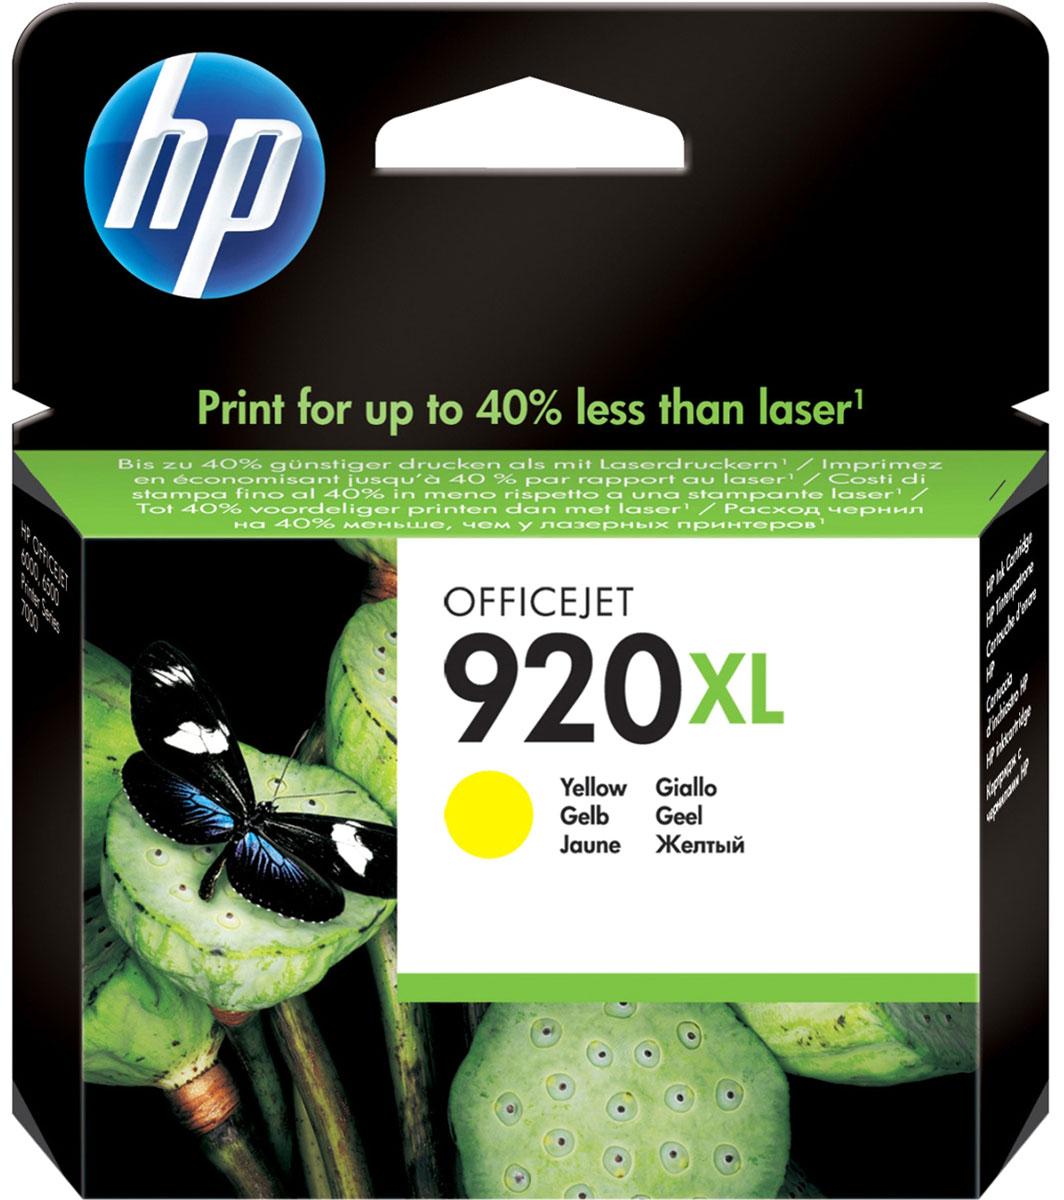 HP CD974AE (№ 920XL), Yellow картридж для OJ 6000/6500/7000CD974AEЖелтые картриджи HP 920XL с оригинальными чернилами HP гарантируют печать цветных документов профессионального качества с меньшими затратами по сравнению с лазерными устройствами. Оригинальные чернила HP обеспечивают быстрое высыхание документов, особенно при использовании бумаги с логотипом ColorLok. Оригинальные чернила HP позволяют печатать цветные документы профессионального качества почти на 40 % дешевле, чем при использовании лазерных устройств. Раздельные картриджи обеспечивают экономичную печать. Добейтесь впечатляющего качества печати. Оригинальные чернила HP обеспечивают быстрое высыхание документов, особенно при использовании бумаги с логотипом ColorLok. Технологии HP позволяют заменять картриджи без особых усилий. Воспользуйтесь функцией оповещения о низком уровне чернил и оцените удобство приобретения расходных материалов с помощью системы HP SureSupply. Вы можете ознакомиться со списком картриджей, которые можно использовать на...